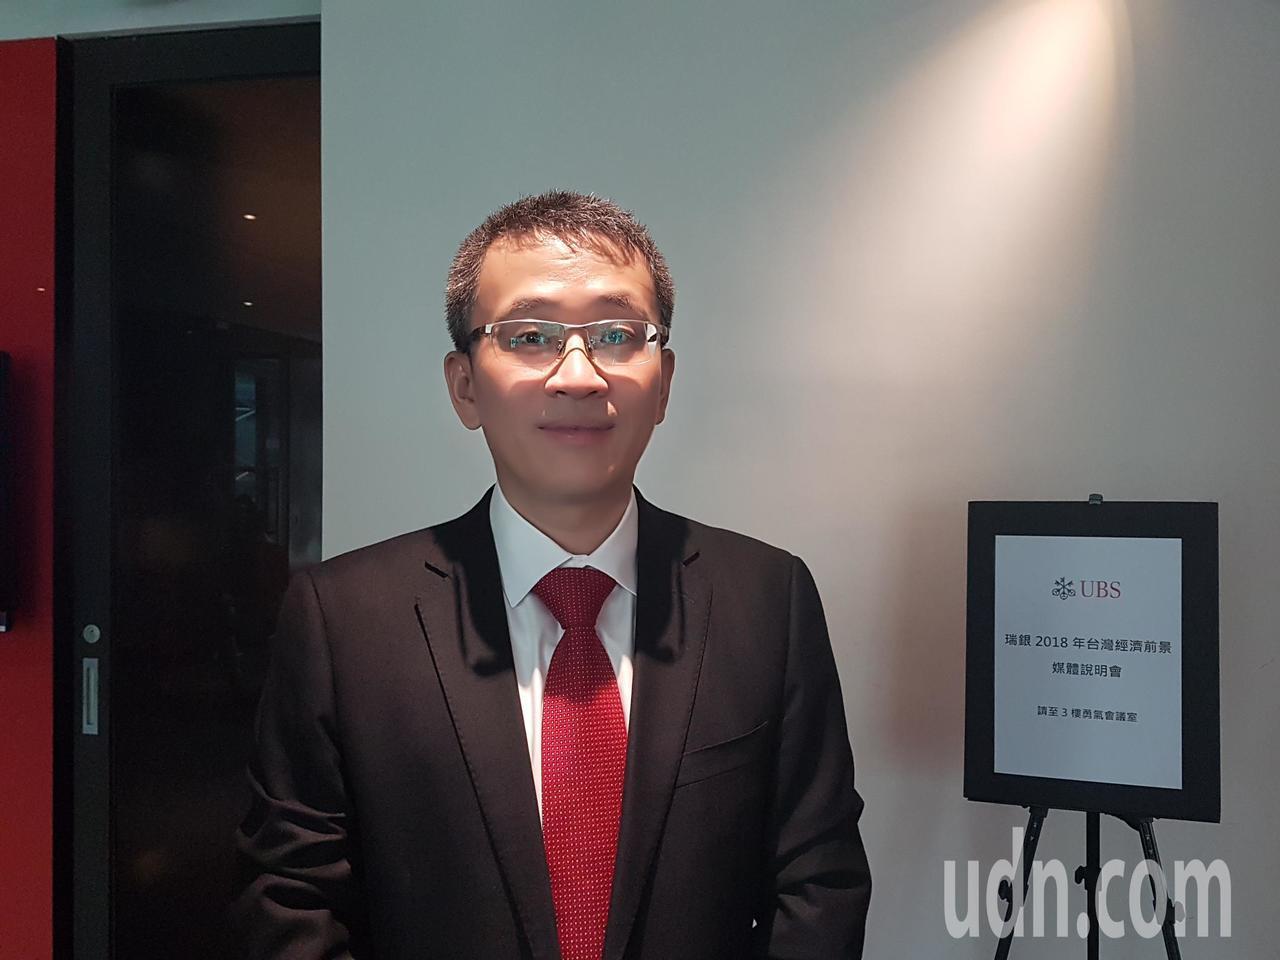 瑞銀今天(28日)發布對台灣經濟成長最新預測。瑞銀執行董事、高級經濟分析師曾立表...